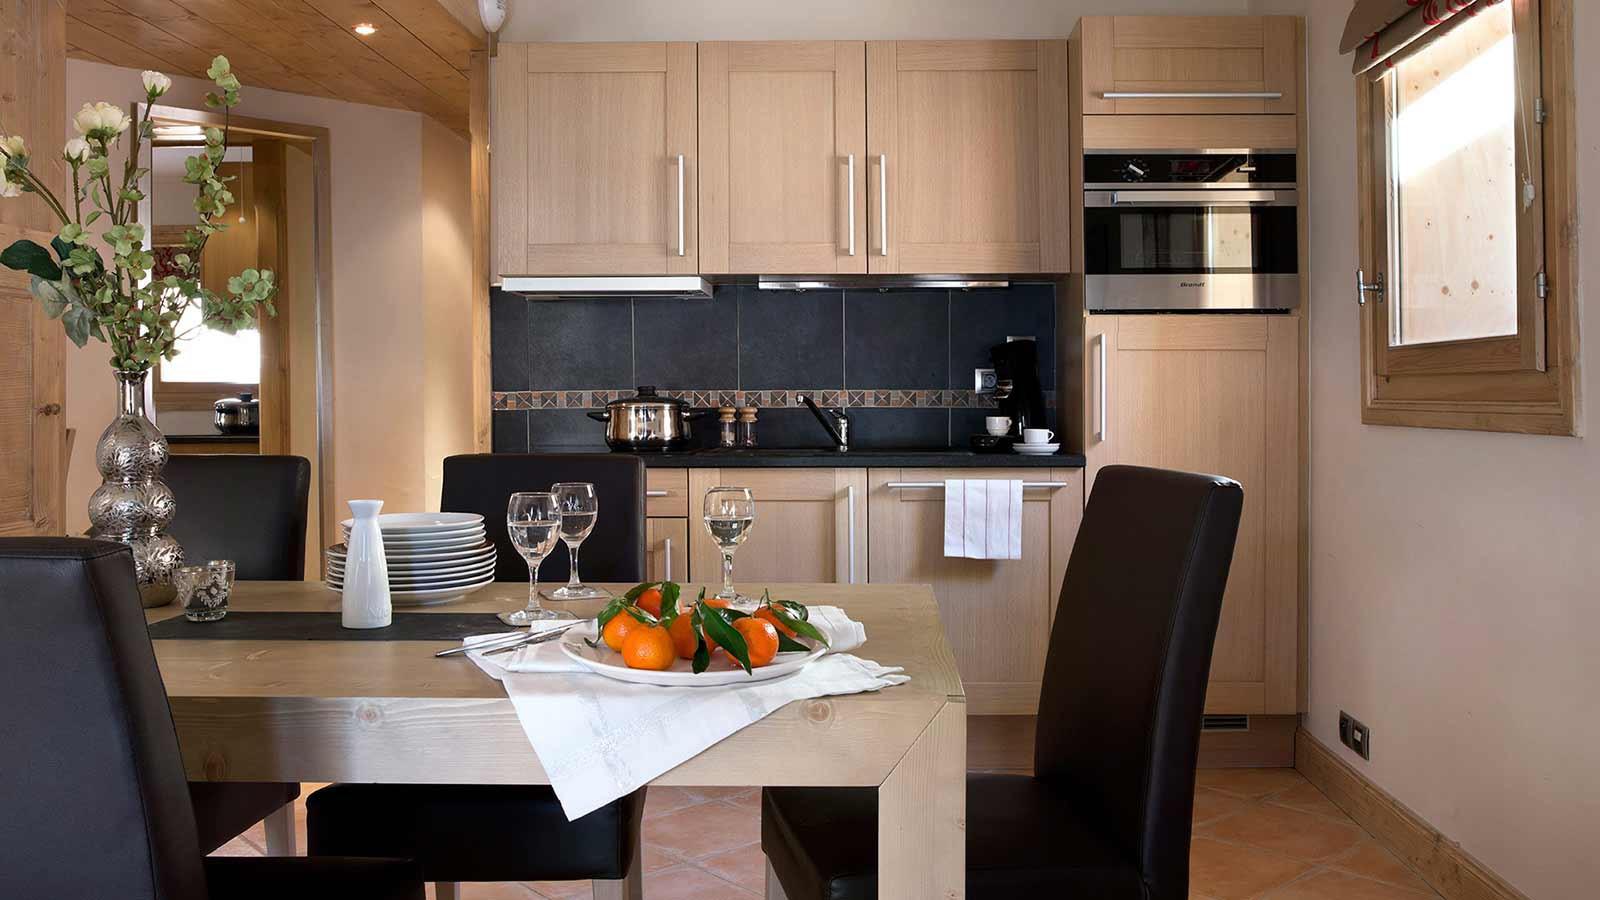 Le Cristal de l'Alpe Apartments, Alpe D'Huez - Dining Area